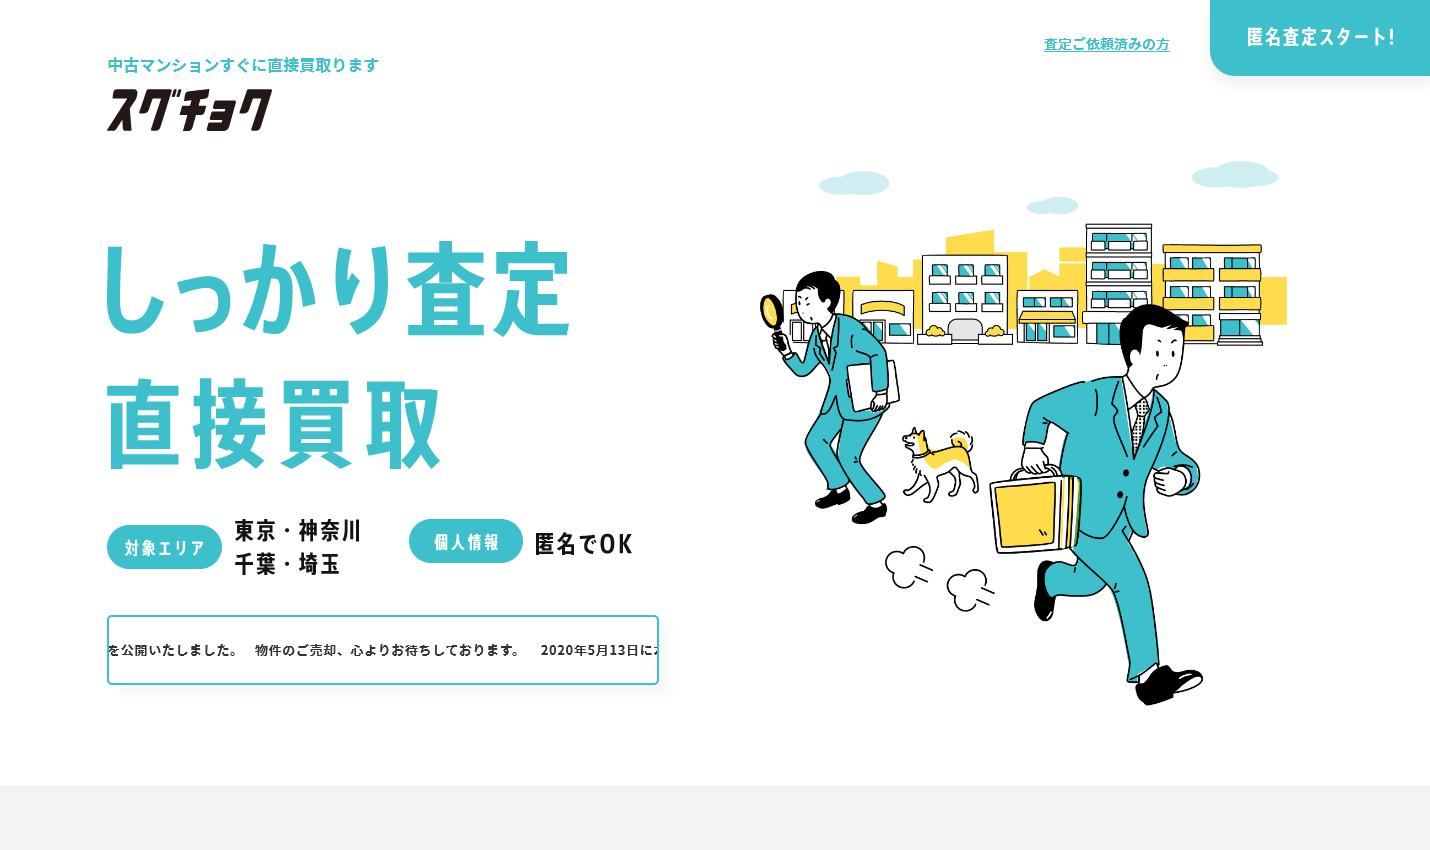 スグチョク - 中古マンションのしっかり査定・直接買取、手数料不要、匿名でOK、東京・神奈川・千葉・埼玉